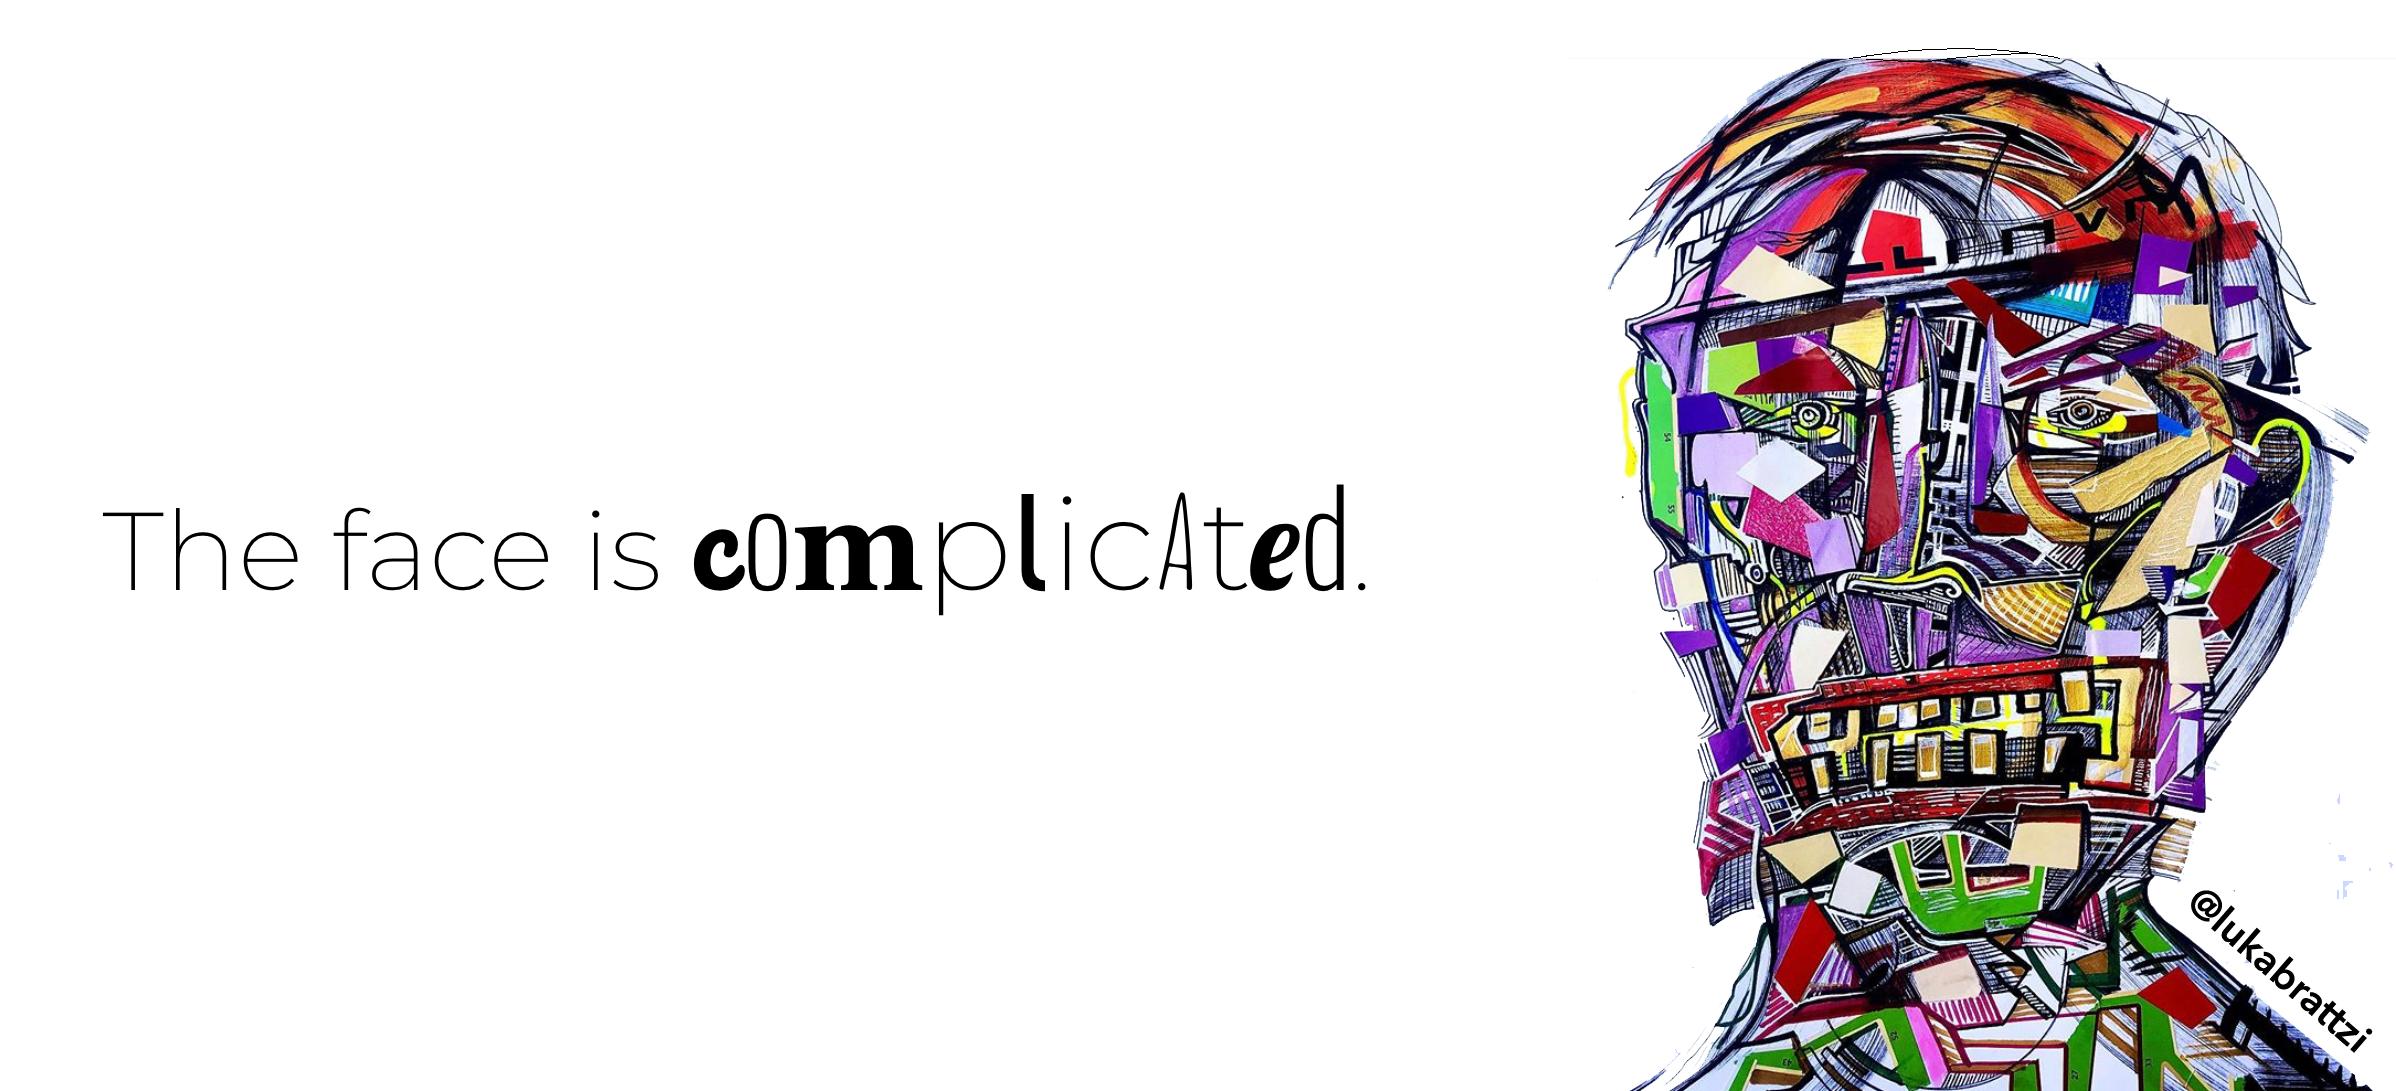 El arte de Luke Barosky - la cara es complicada